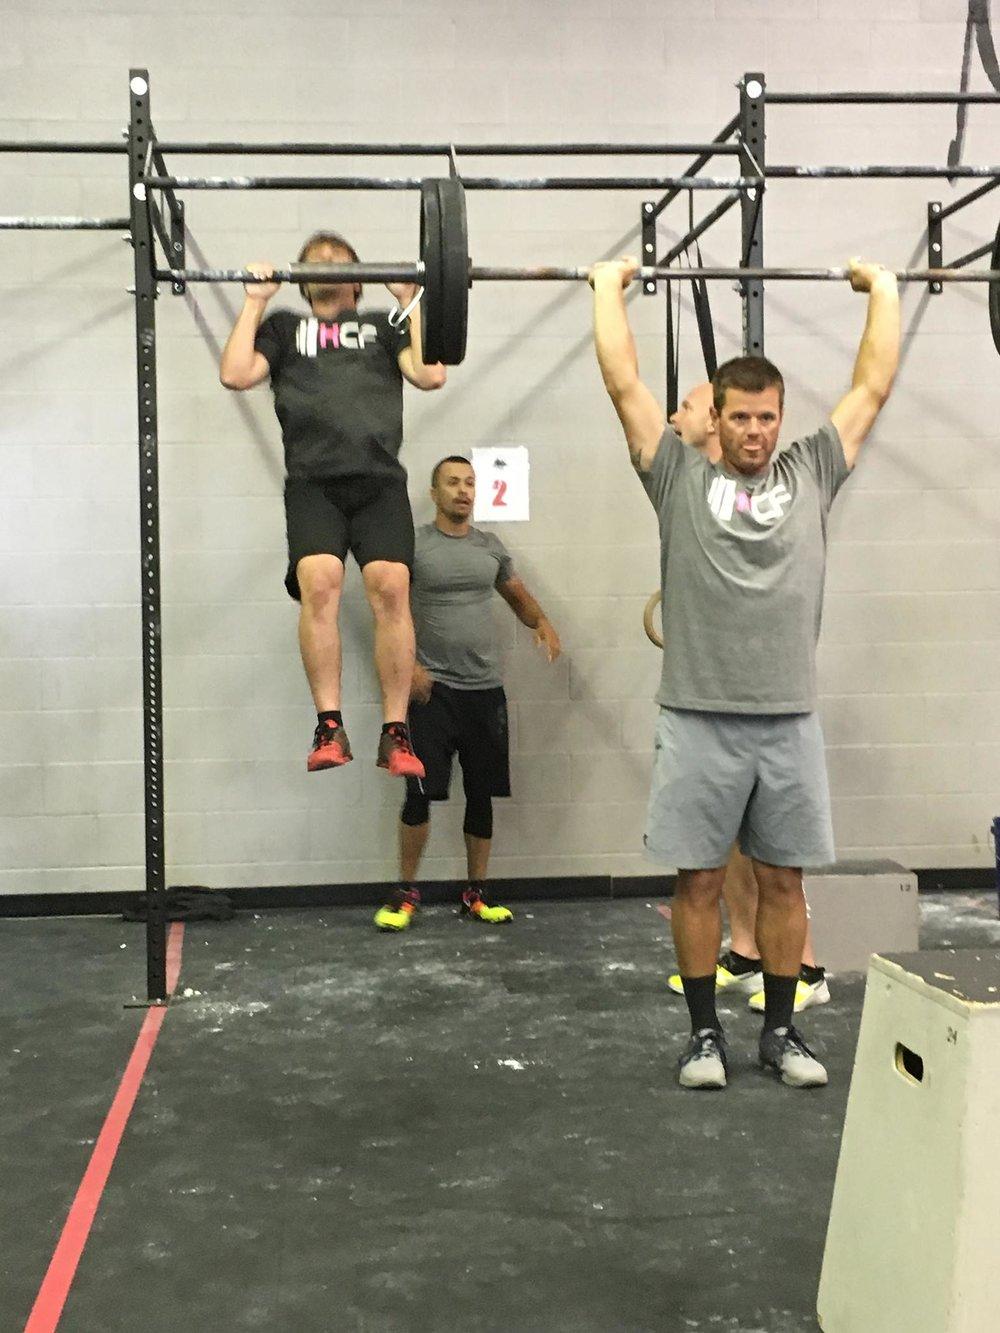 Way to go in Billings, Team Hyalite CrossFit Men's Scaled!